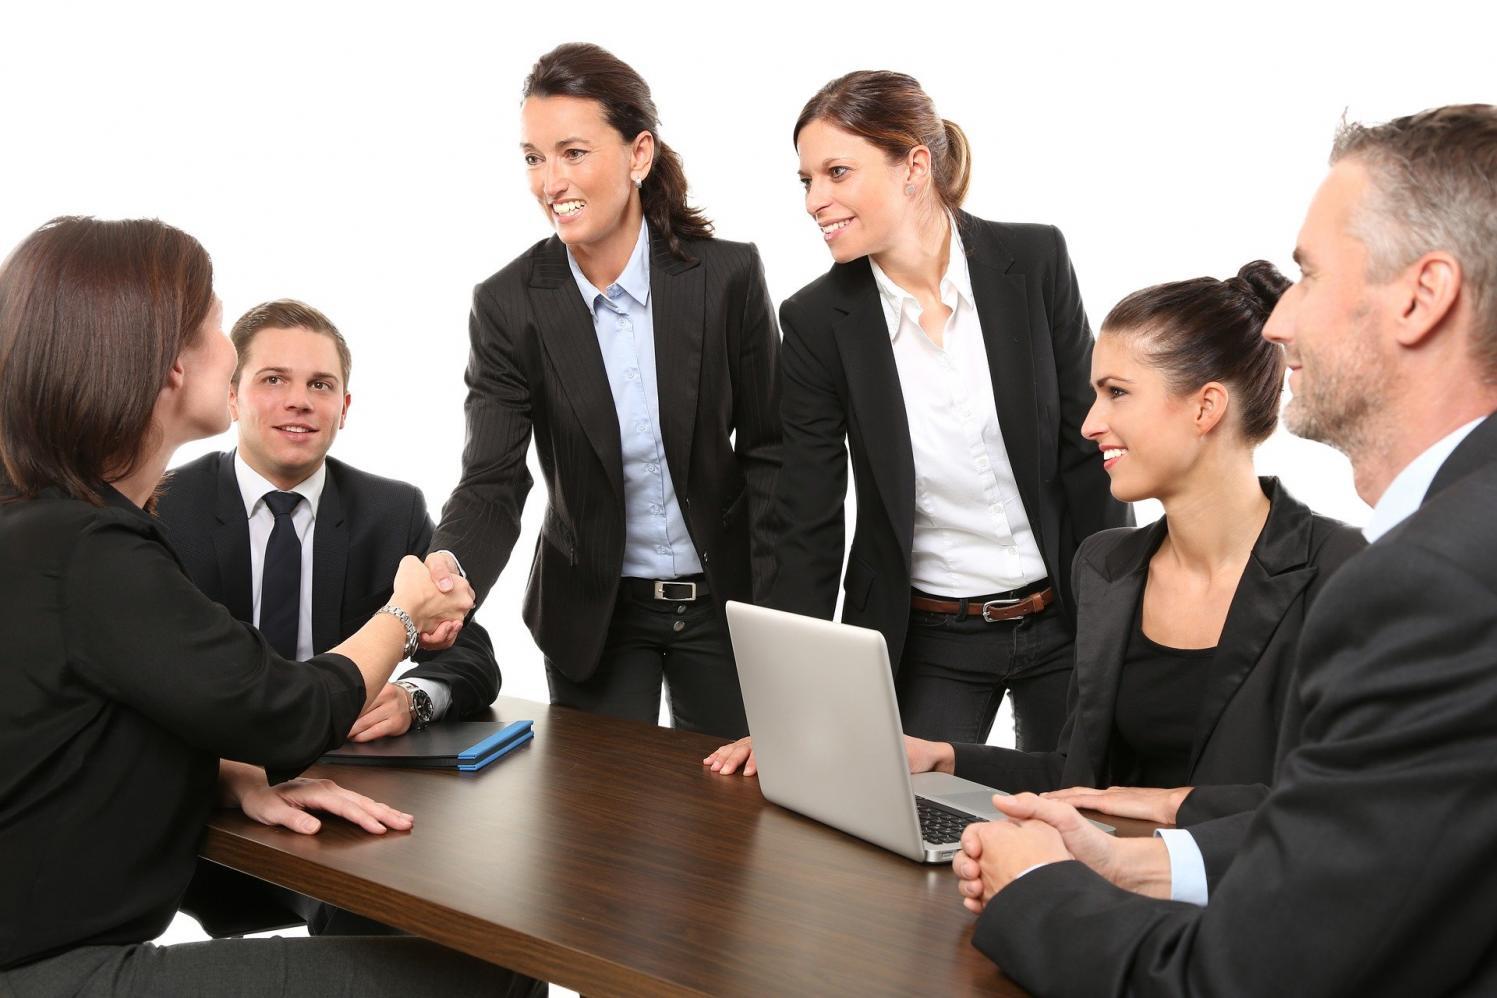 Entenda o papel dos conselheiros independentes nas empresas